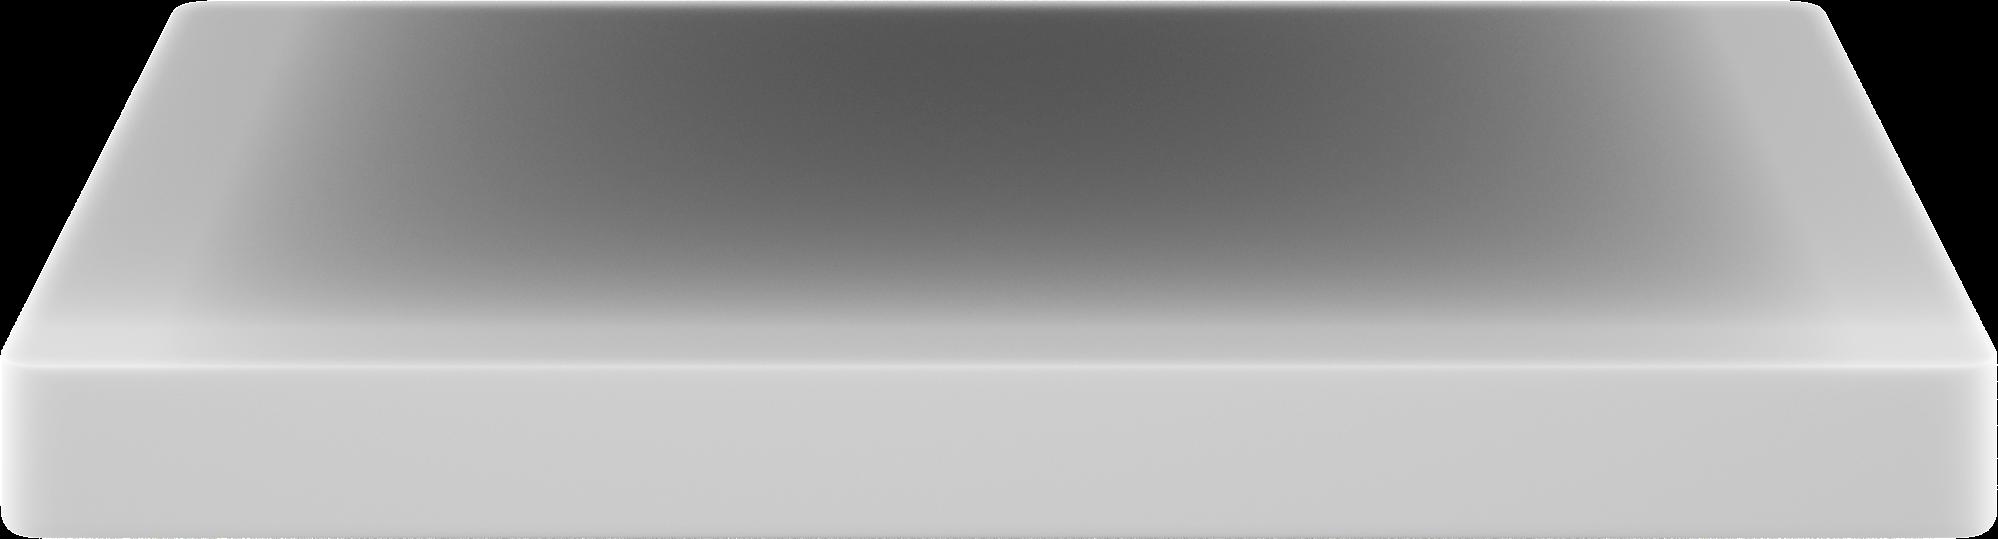 Element mattress bottom layer render